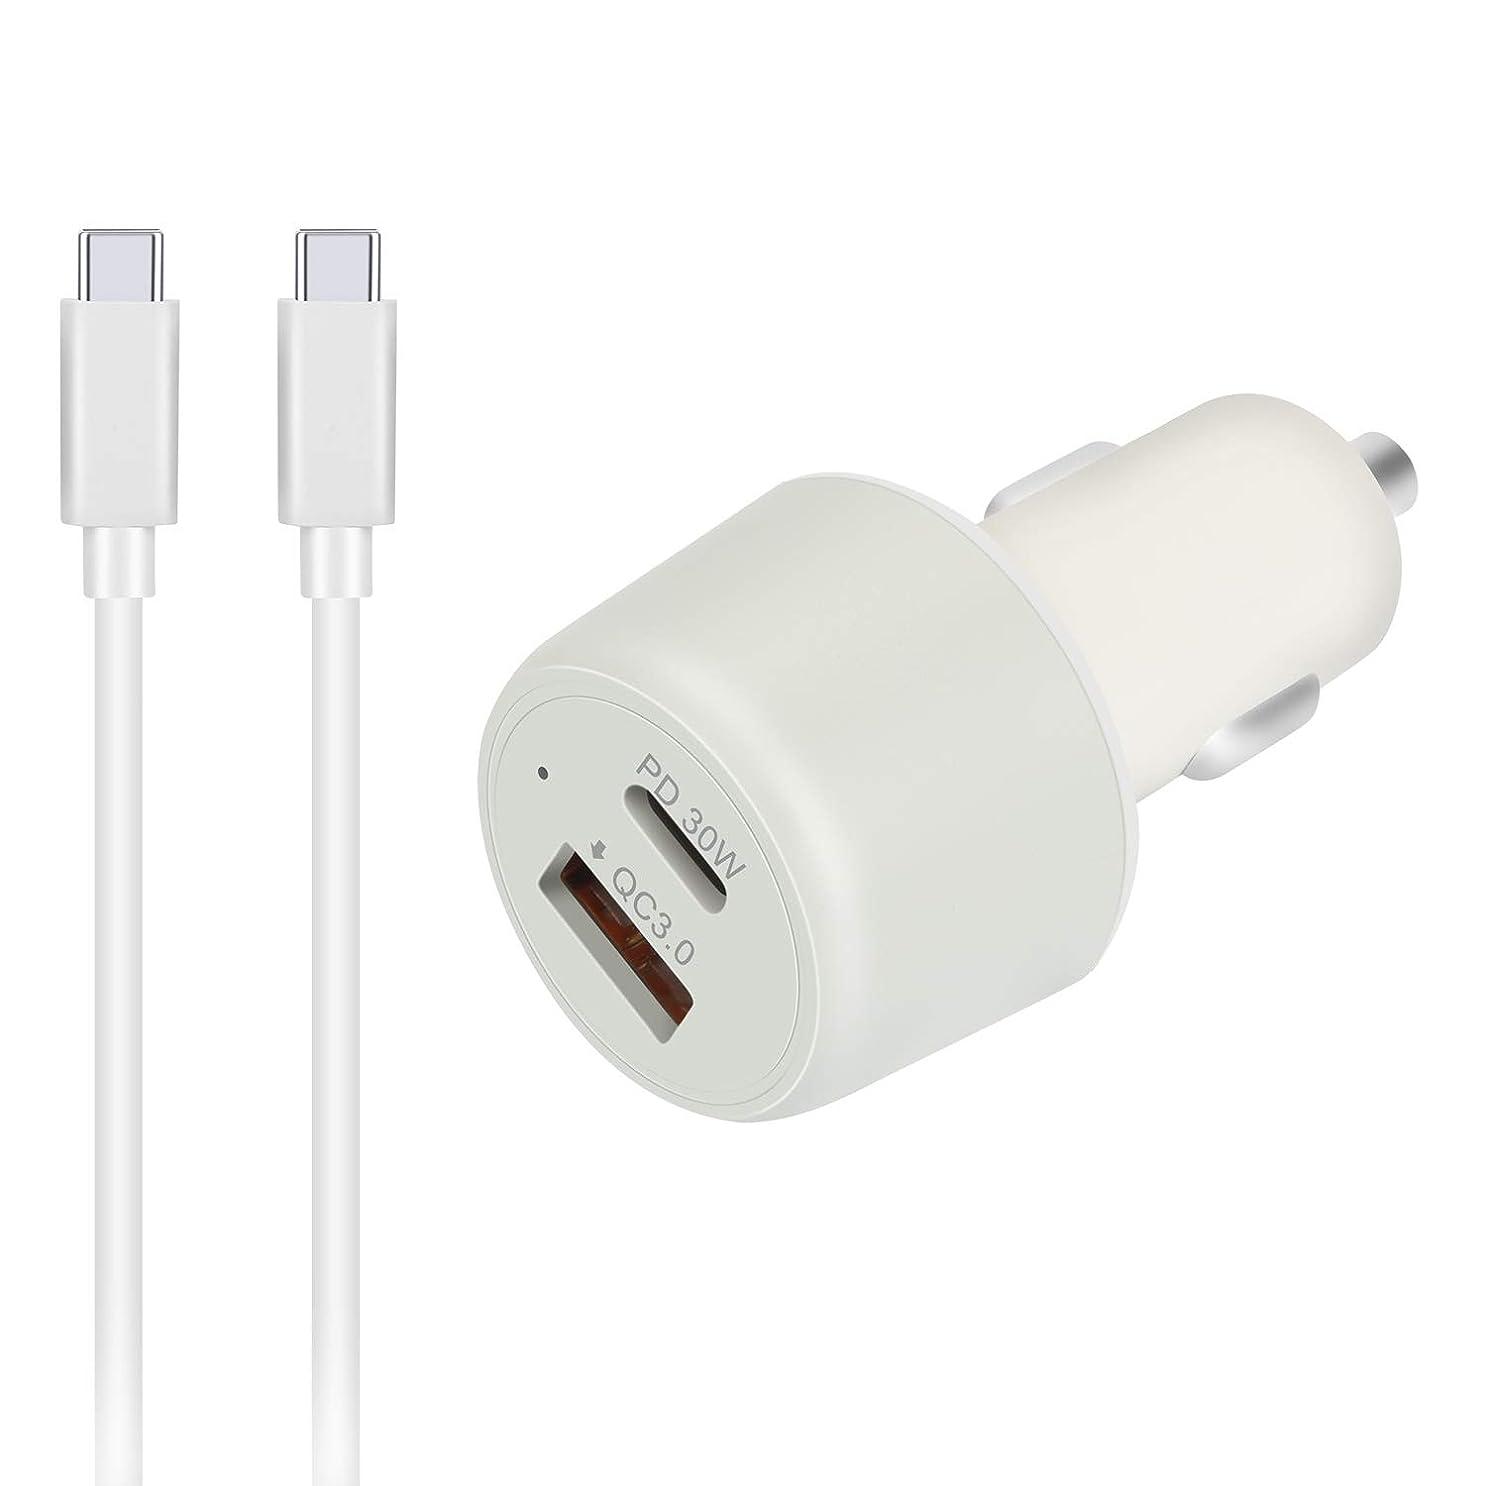 ぼかすアルバム量87W USB C 電源アダプタ Macbook ACアダプタ PD (Power delivery) 対応 20.2V/4.3A 急速充電 折畳式 2m USB C to USB Cケーブル付き MacBook Pro 13/15'' (2016/2017), iPhoneX, iPhone8/plusなど対応 USB C 充電器 (87W)